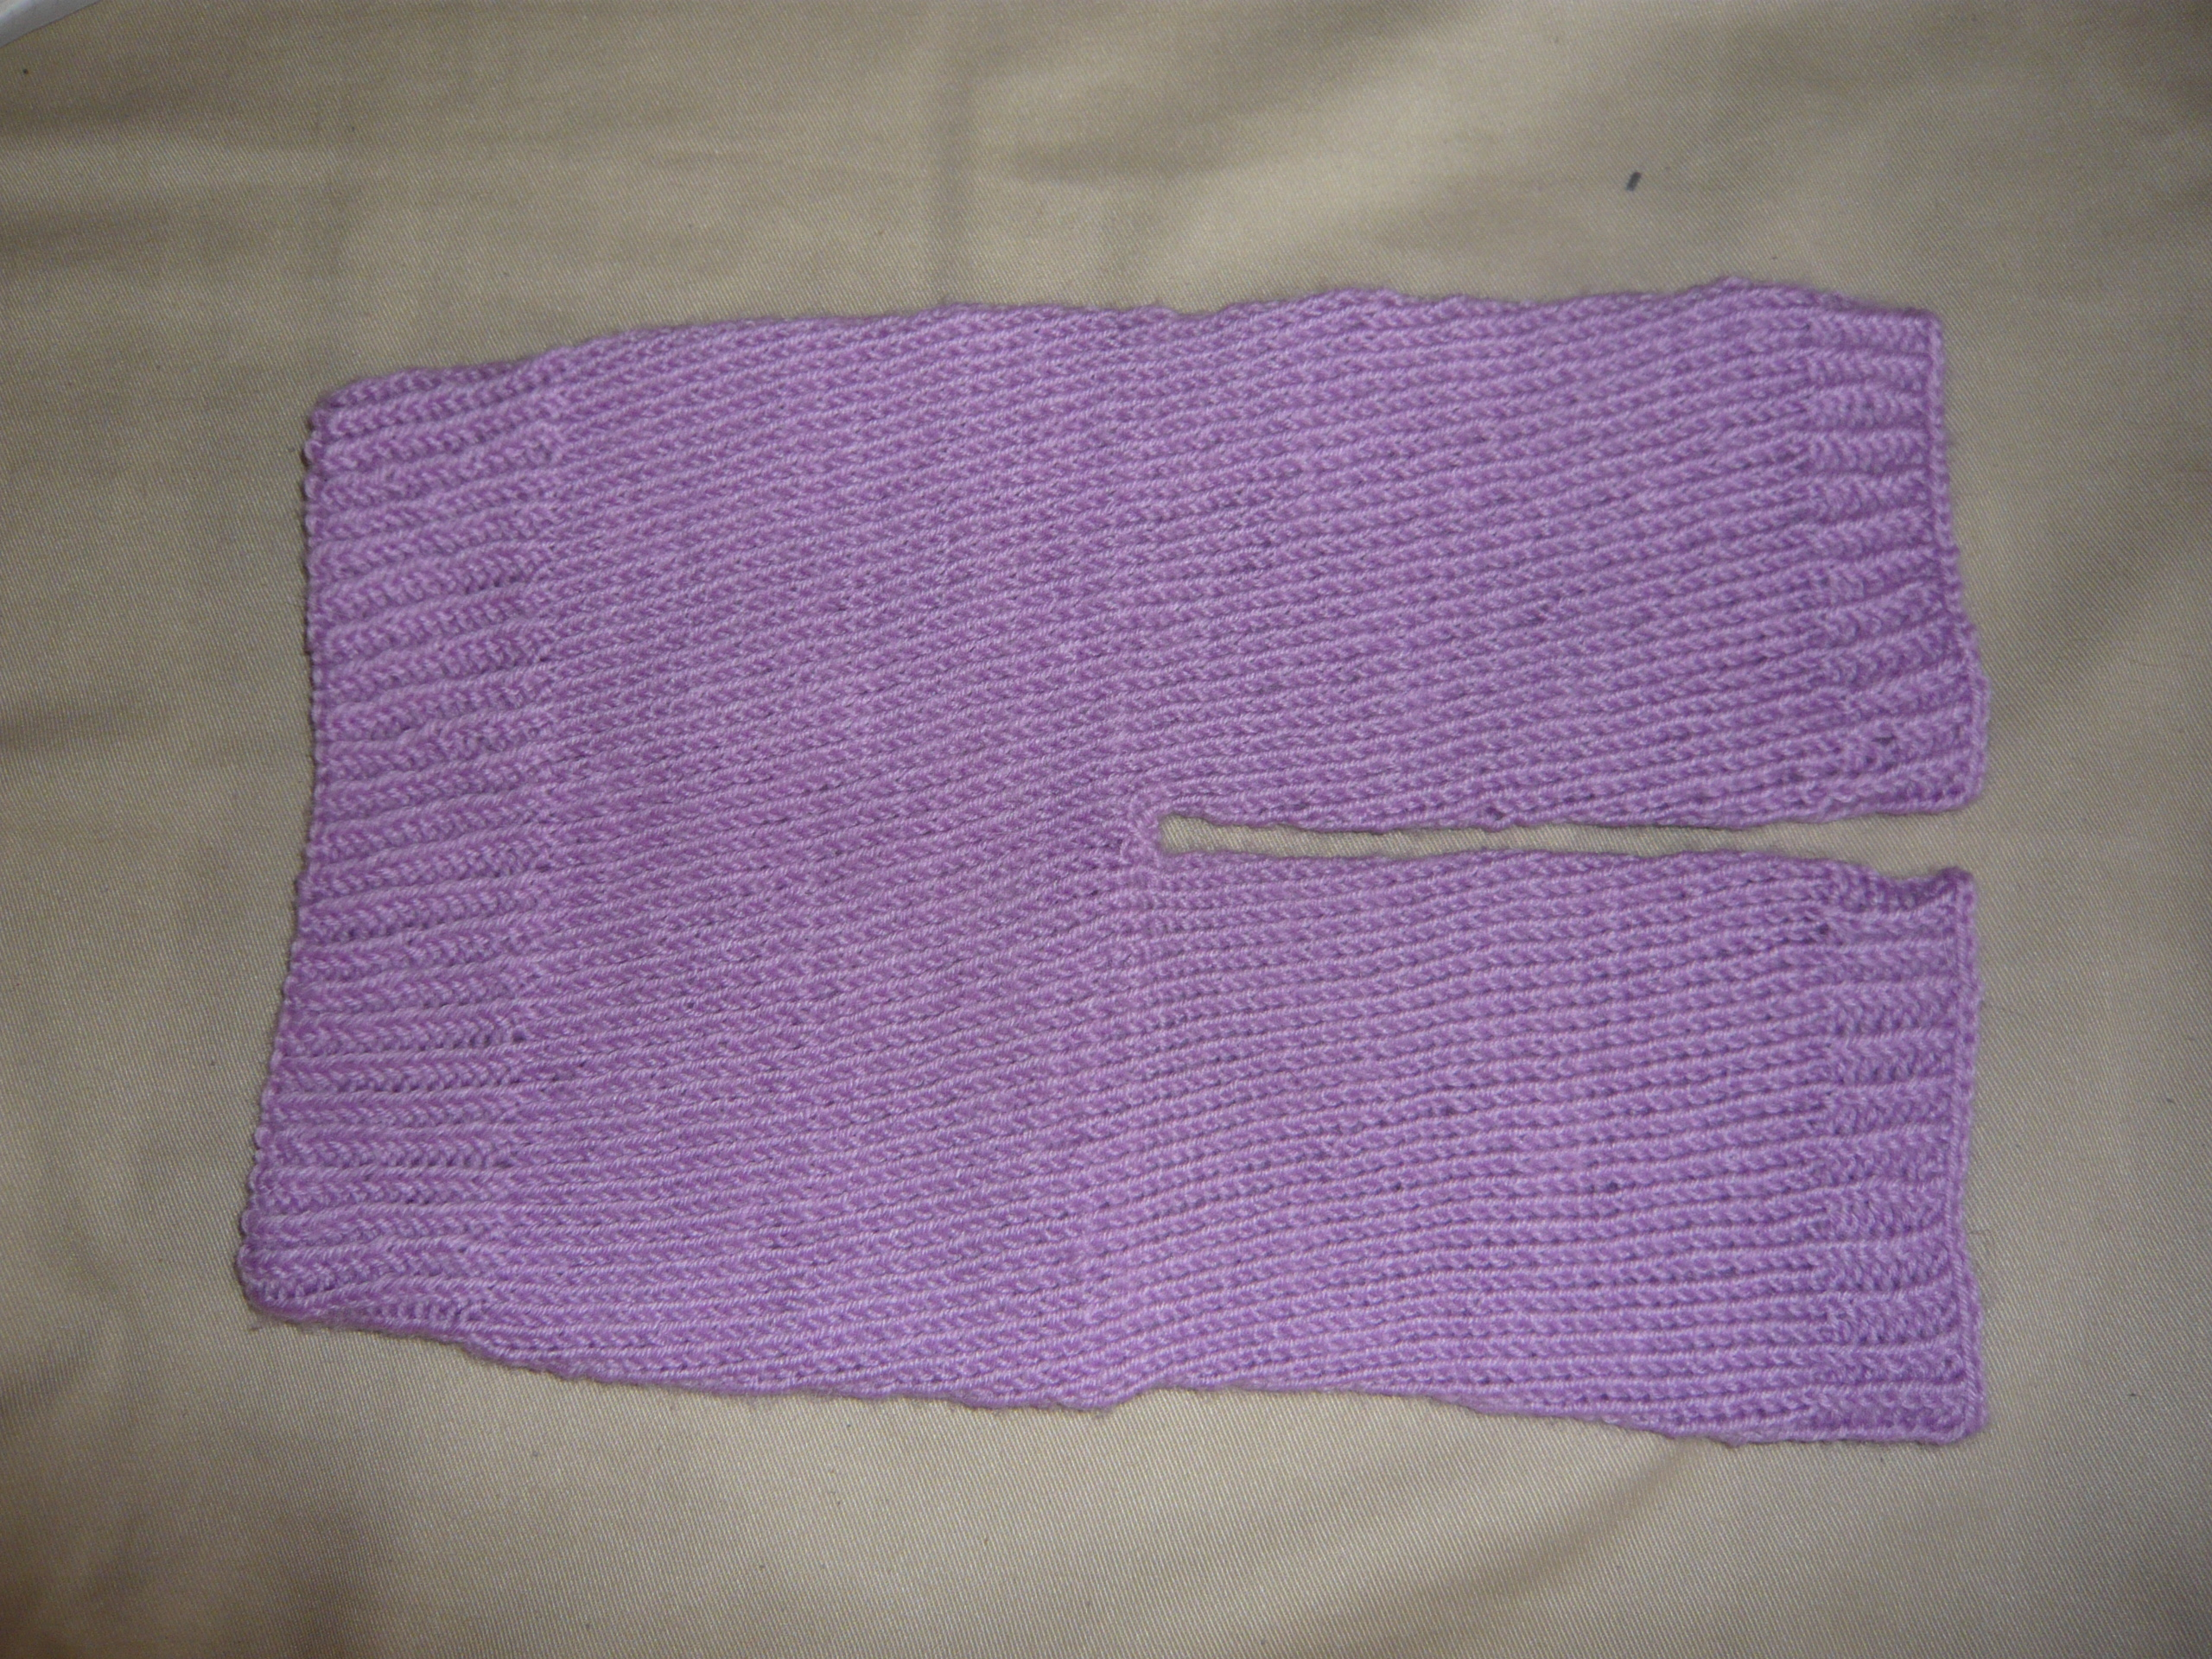 Шерстяные штанишки для новорожденного. А-ля естественное пеленание, ну или просто для тепла. Специальная мягкая детская шерсть. Круговая вязка, без швов